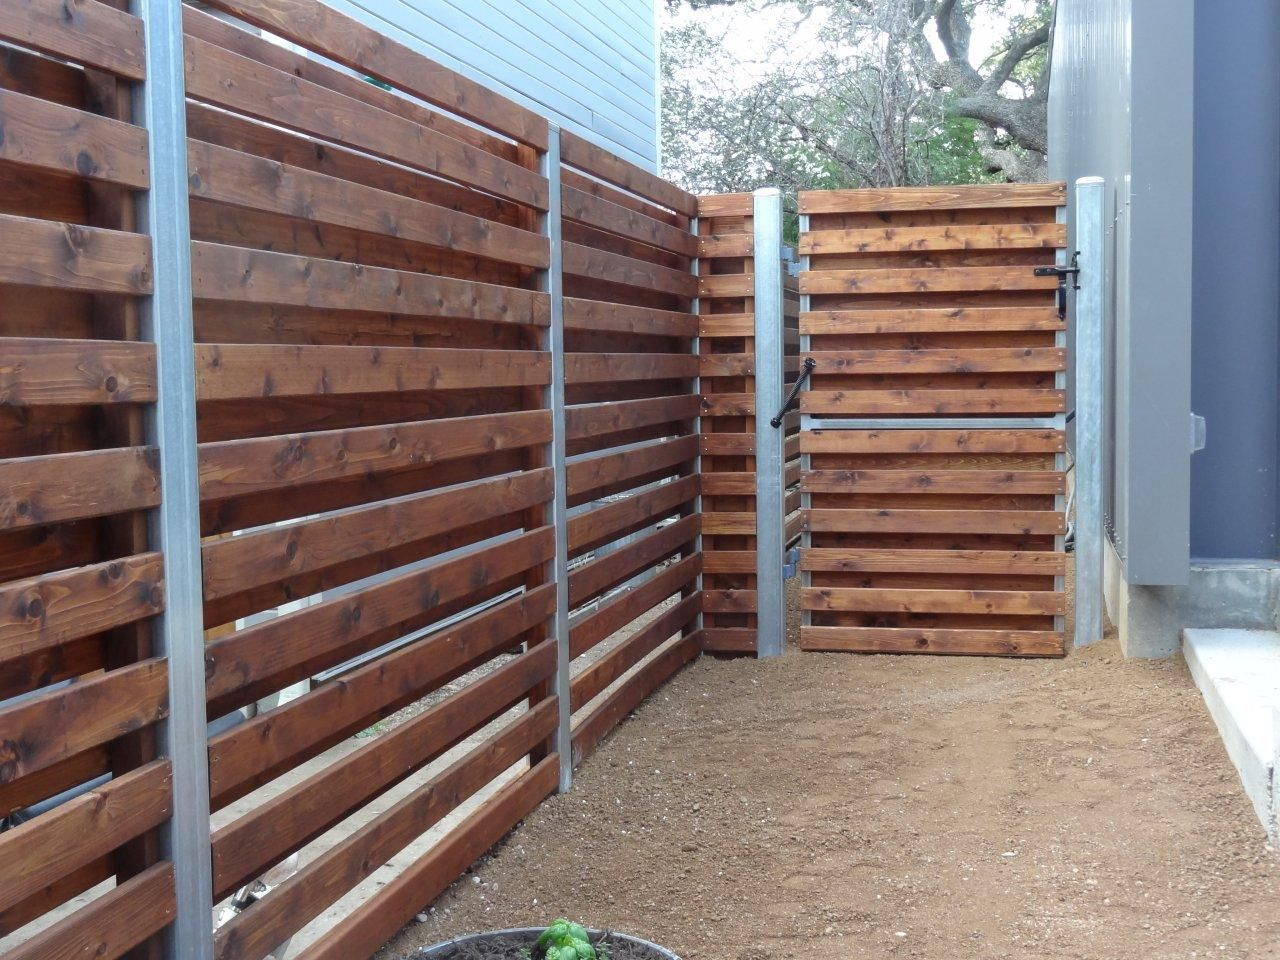 Wood Fences Gallery Viking Fence Custom Horizontal Shadowbox Gate Area Wood Fence Fence Design Wooden Fence